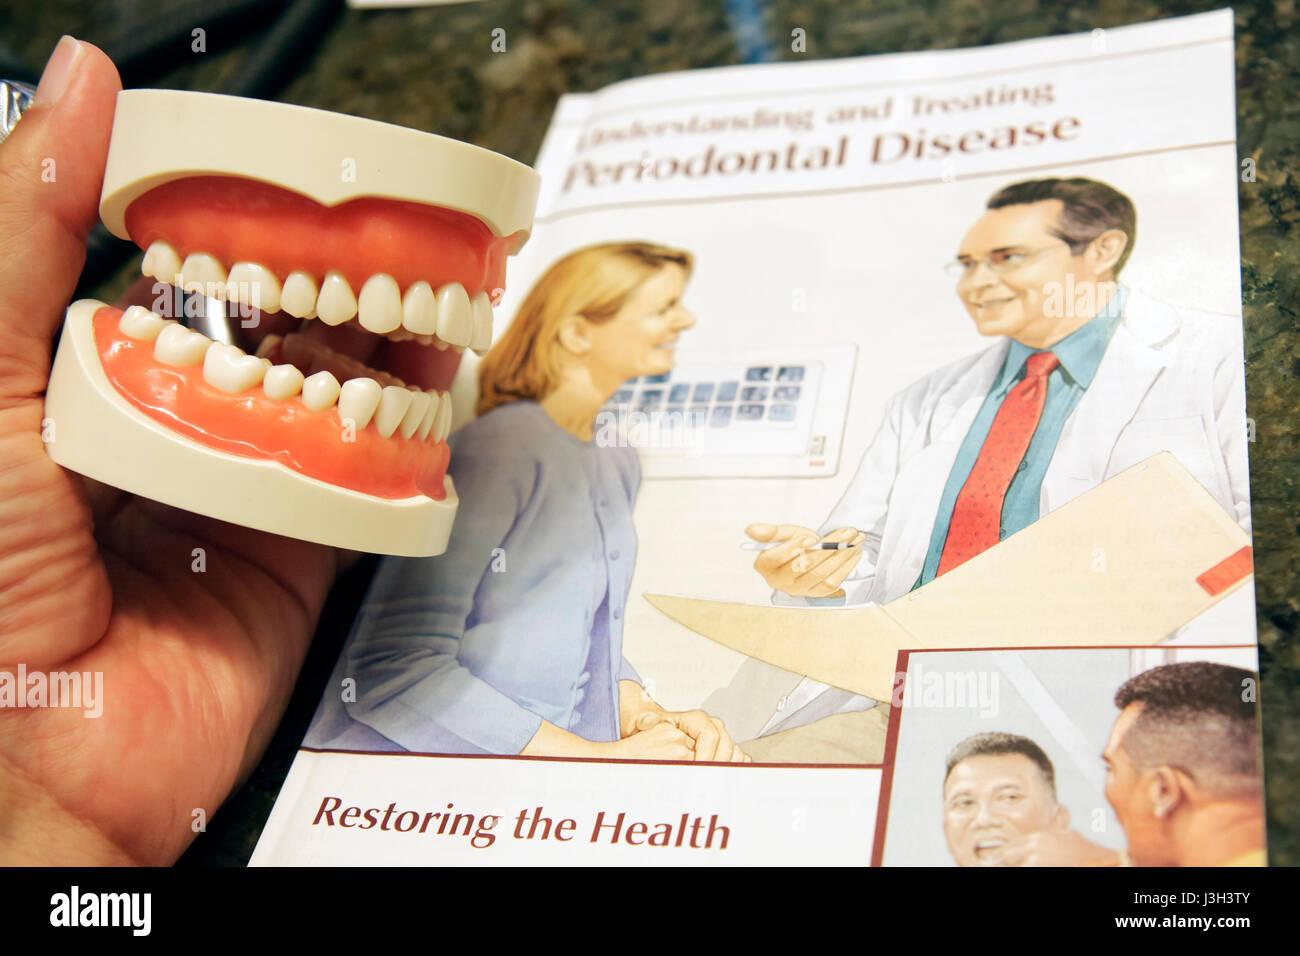 Fantastisch Anatomie Der Zähne Und Des Zahnfleischs Bilder ...